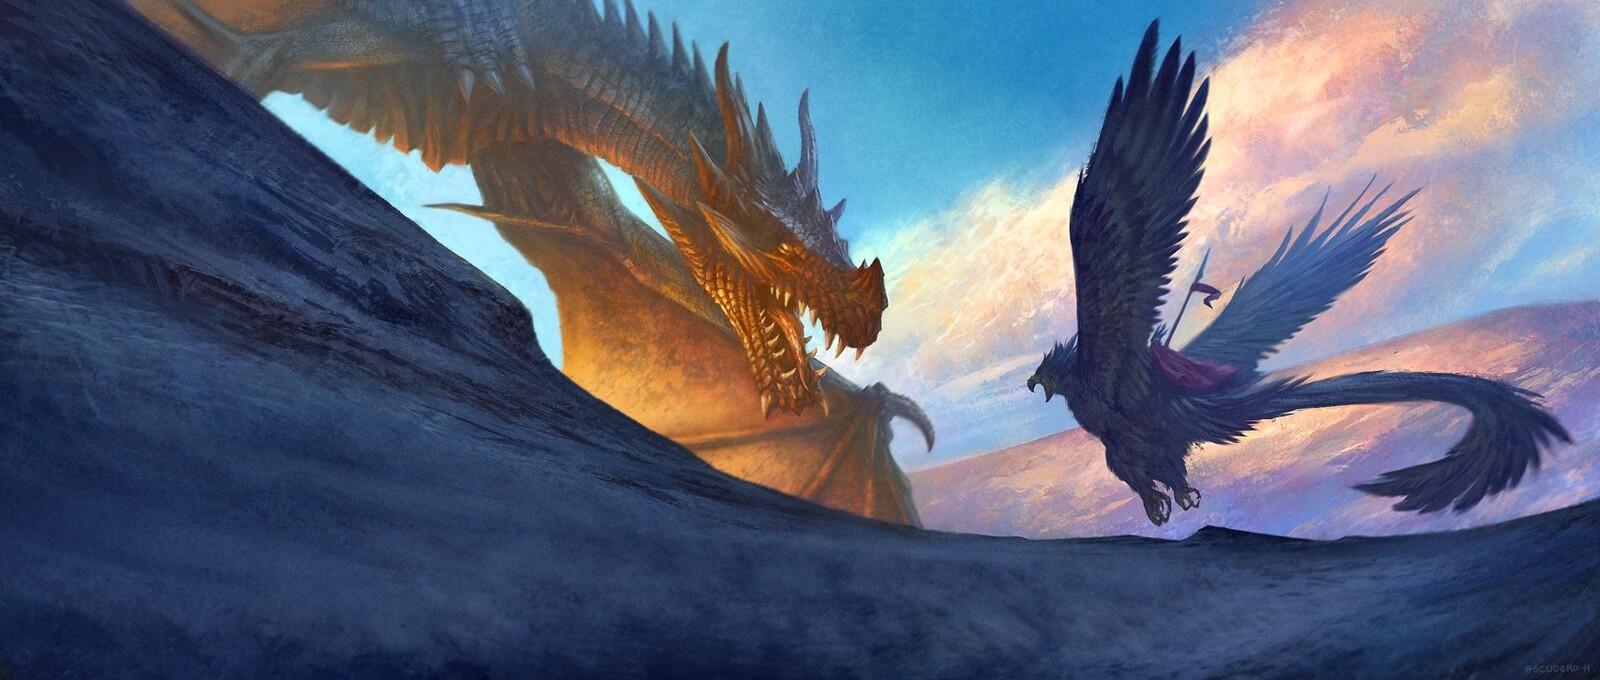 Dragon | Counter